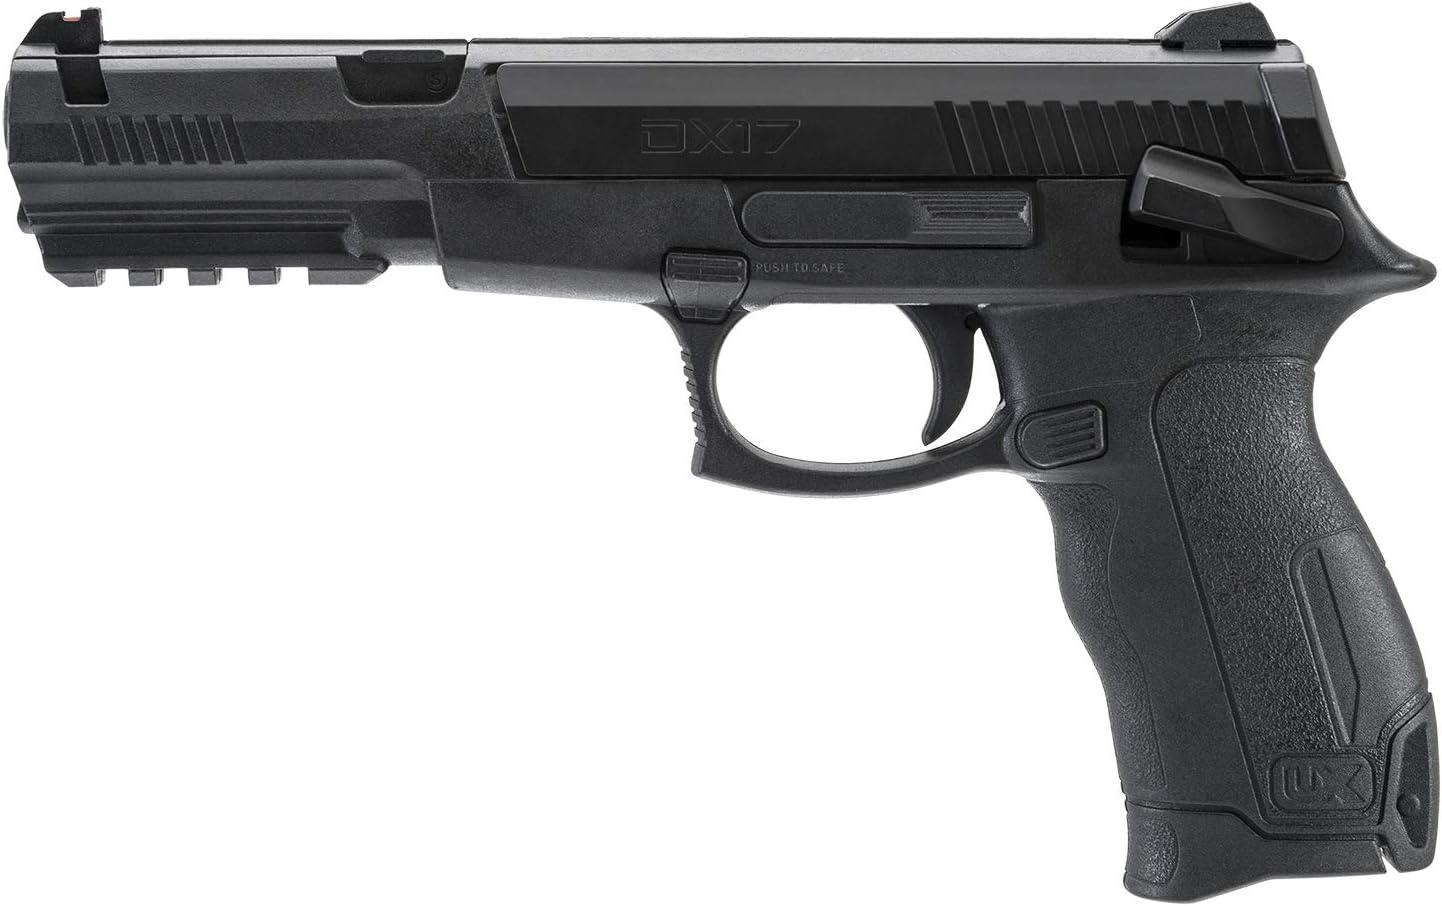 Umarex 2230030 DX17 .177 Caliber BB Gun Air Pistol - Includes 200 Steel BBs, Black : Sports & Outdoors